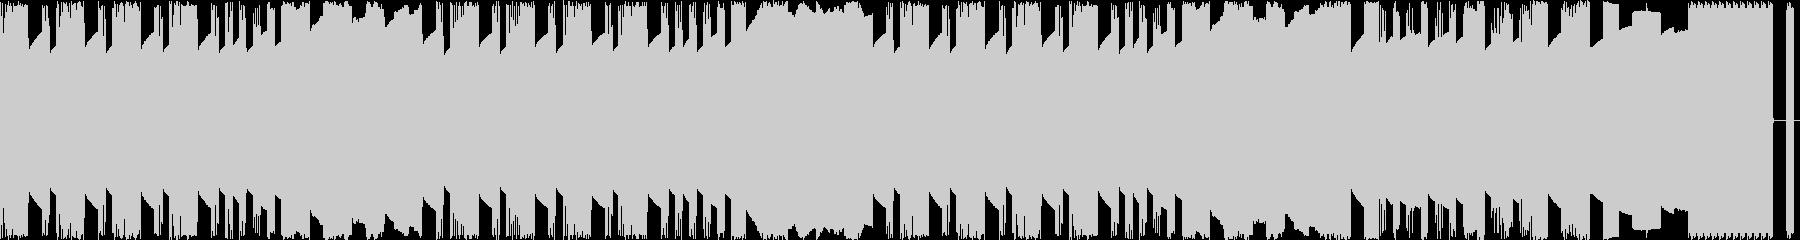 ループ可能なレトロゲーム風バトルBGMの未再生の波形